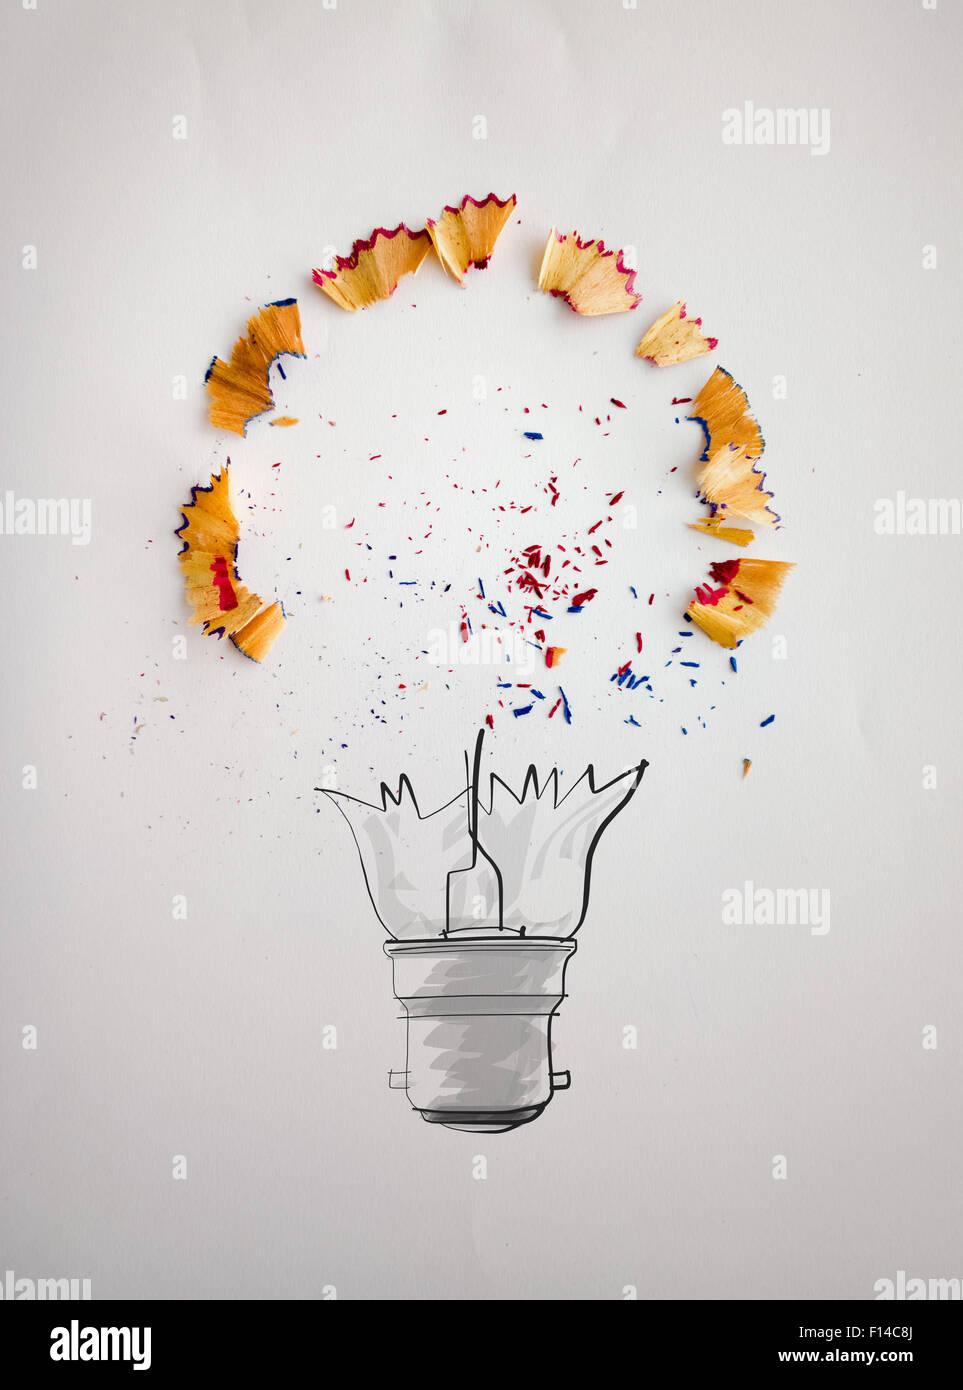 Hand Gezeichnet Glühbirne Mit Bleistift Sägespäne Auf